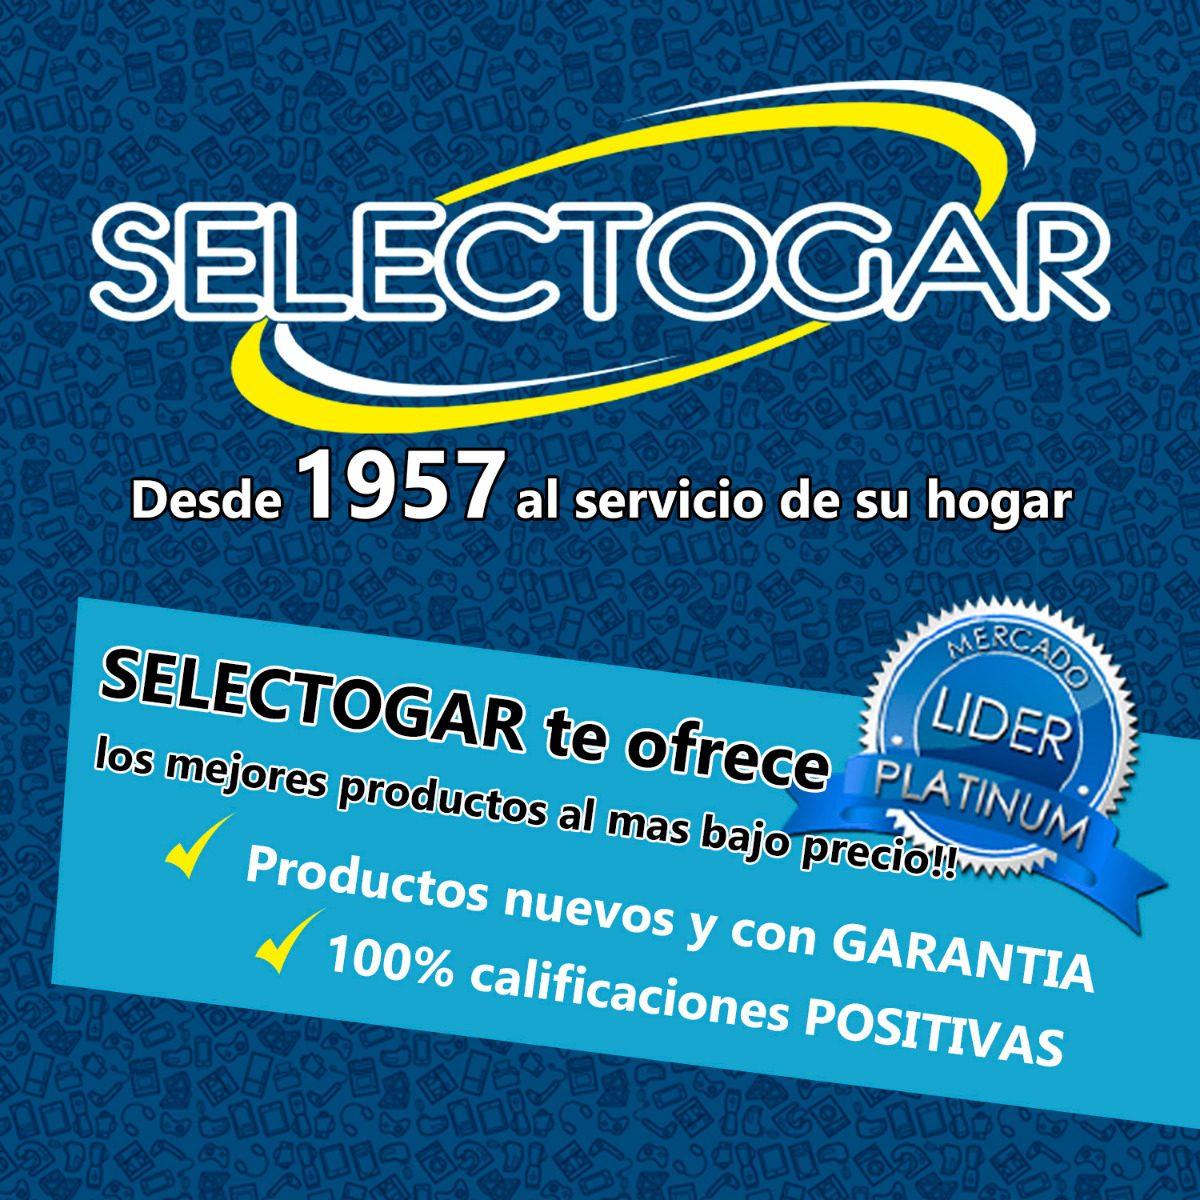 Televisor Led Lg 49lj5500 Smart Tv 49 Full Hd Selectogar  # Muebles Naldo Lombardi